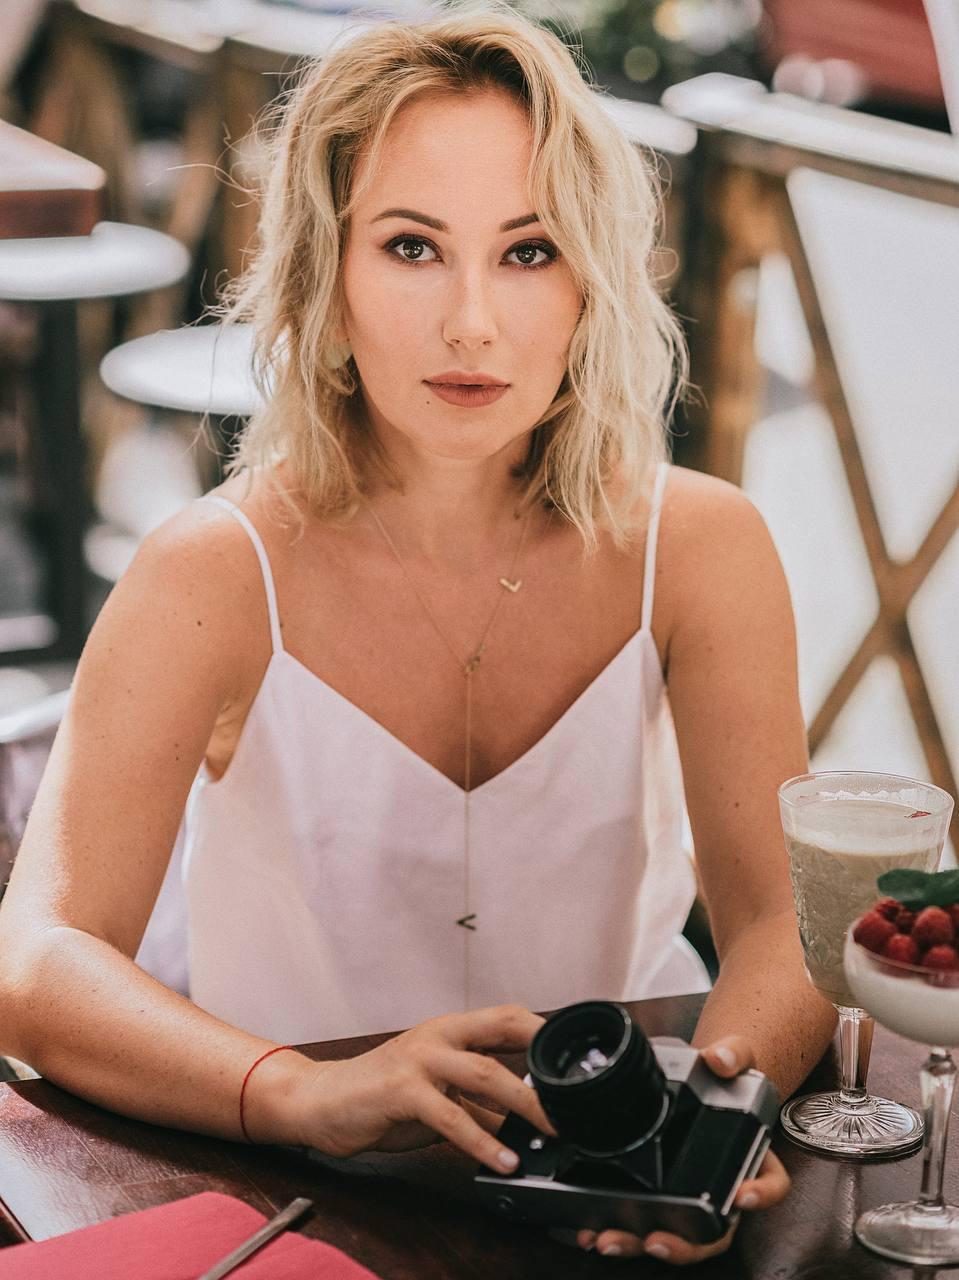 Ксенія Бугрімова- українська телережисерка, кінорежисерка, продюсерка, шоуранерка та сценаристка